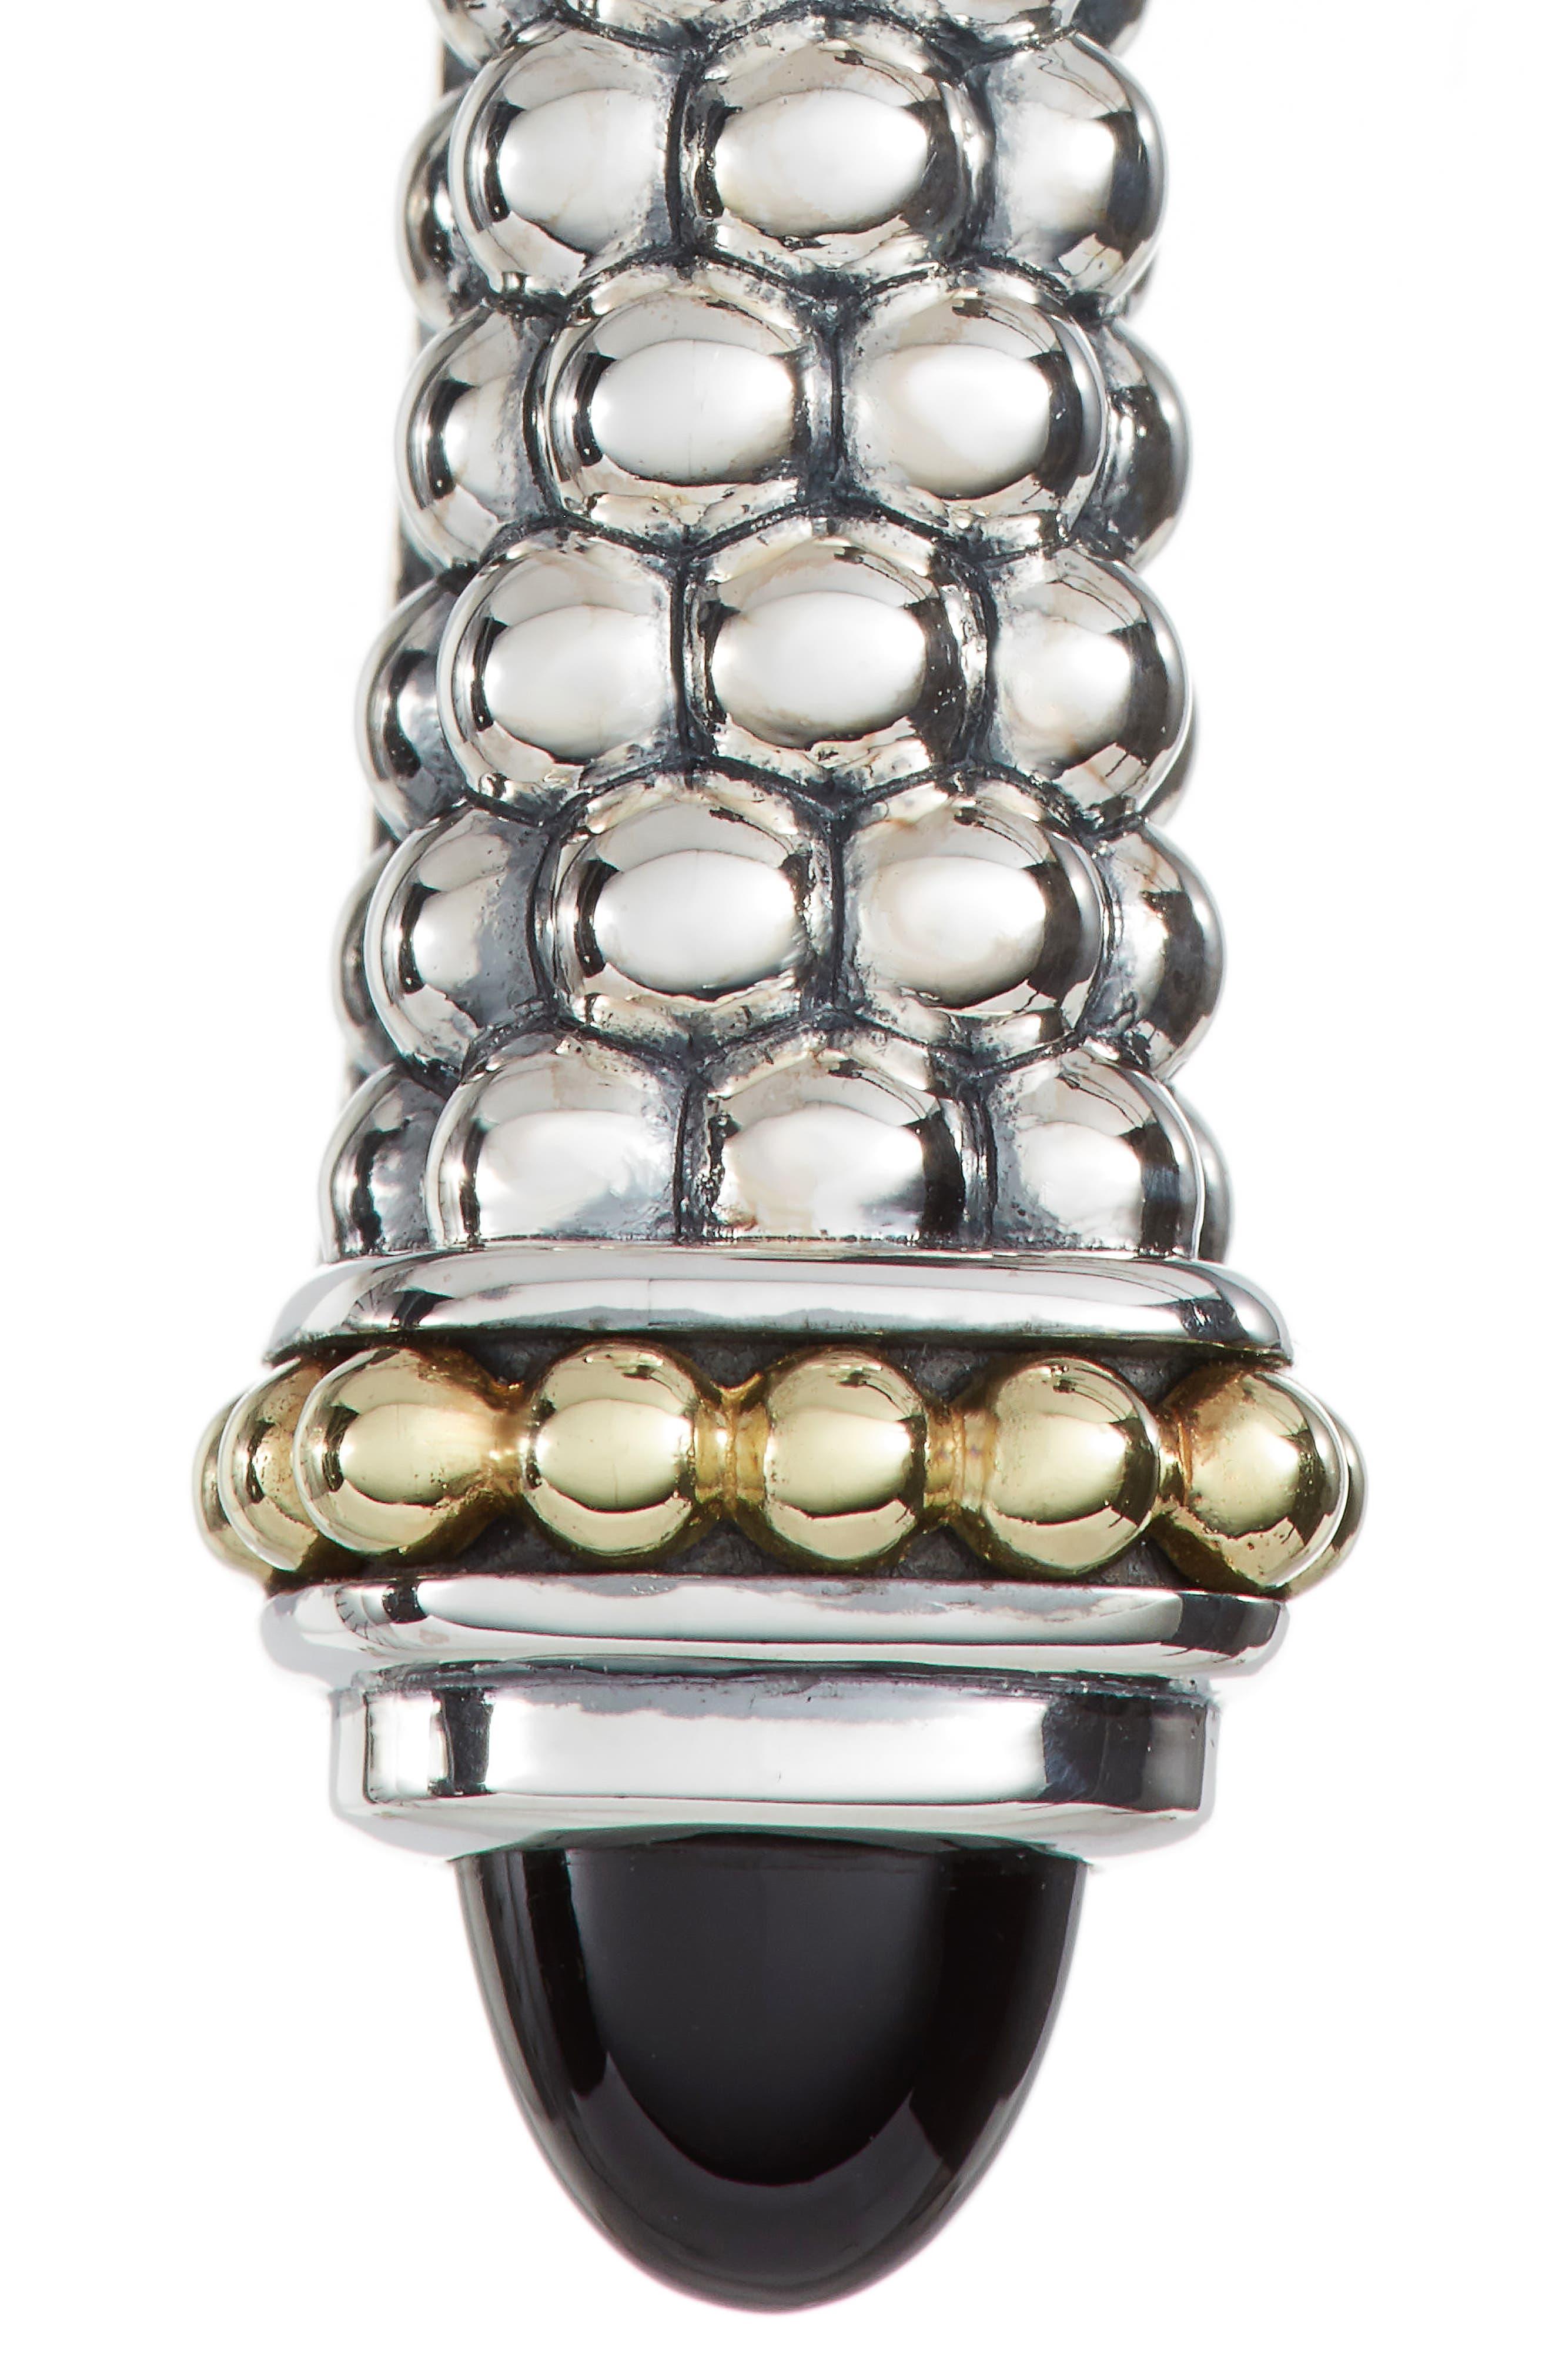 Signature Caviar Stone Cap Drop Earrings,                             Alternate thumbnail 6, color,                             SILVER/ BLACK ONYX